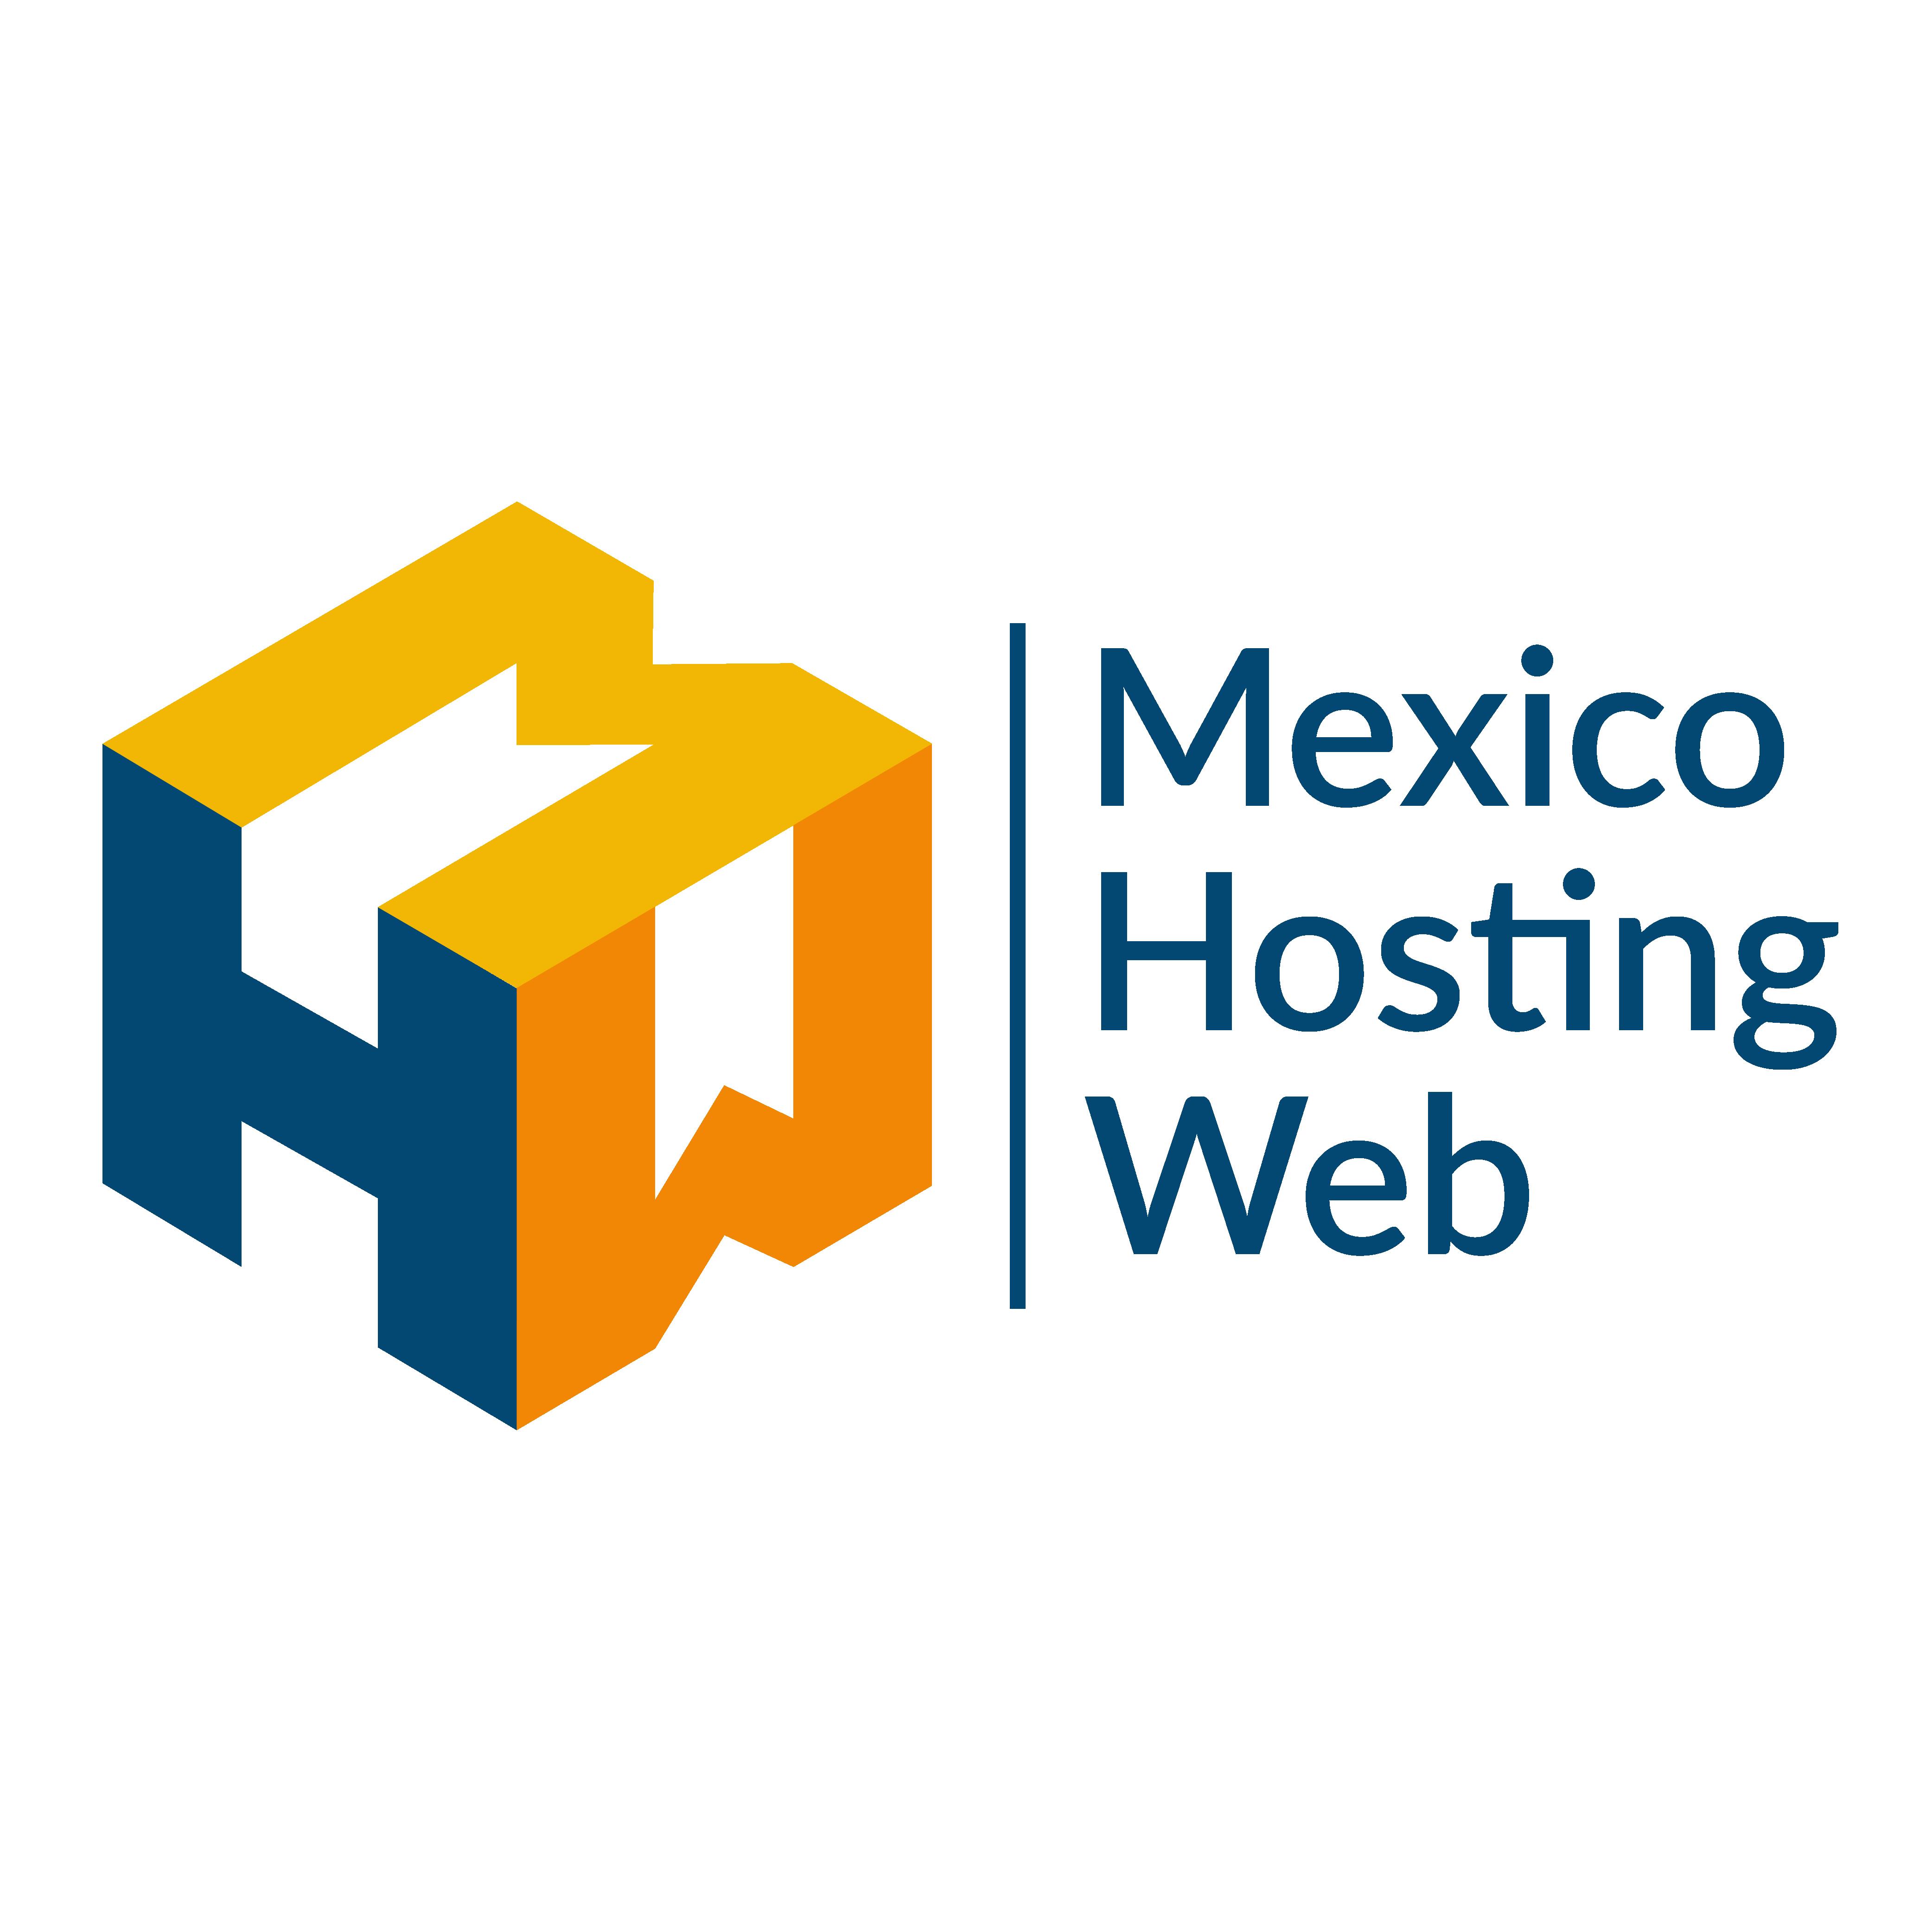 Mexico Hosting Web